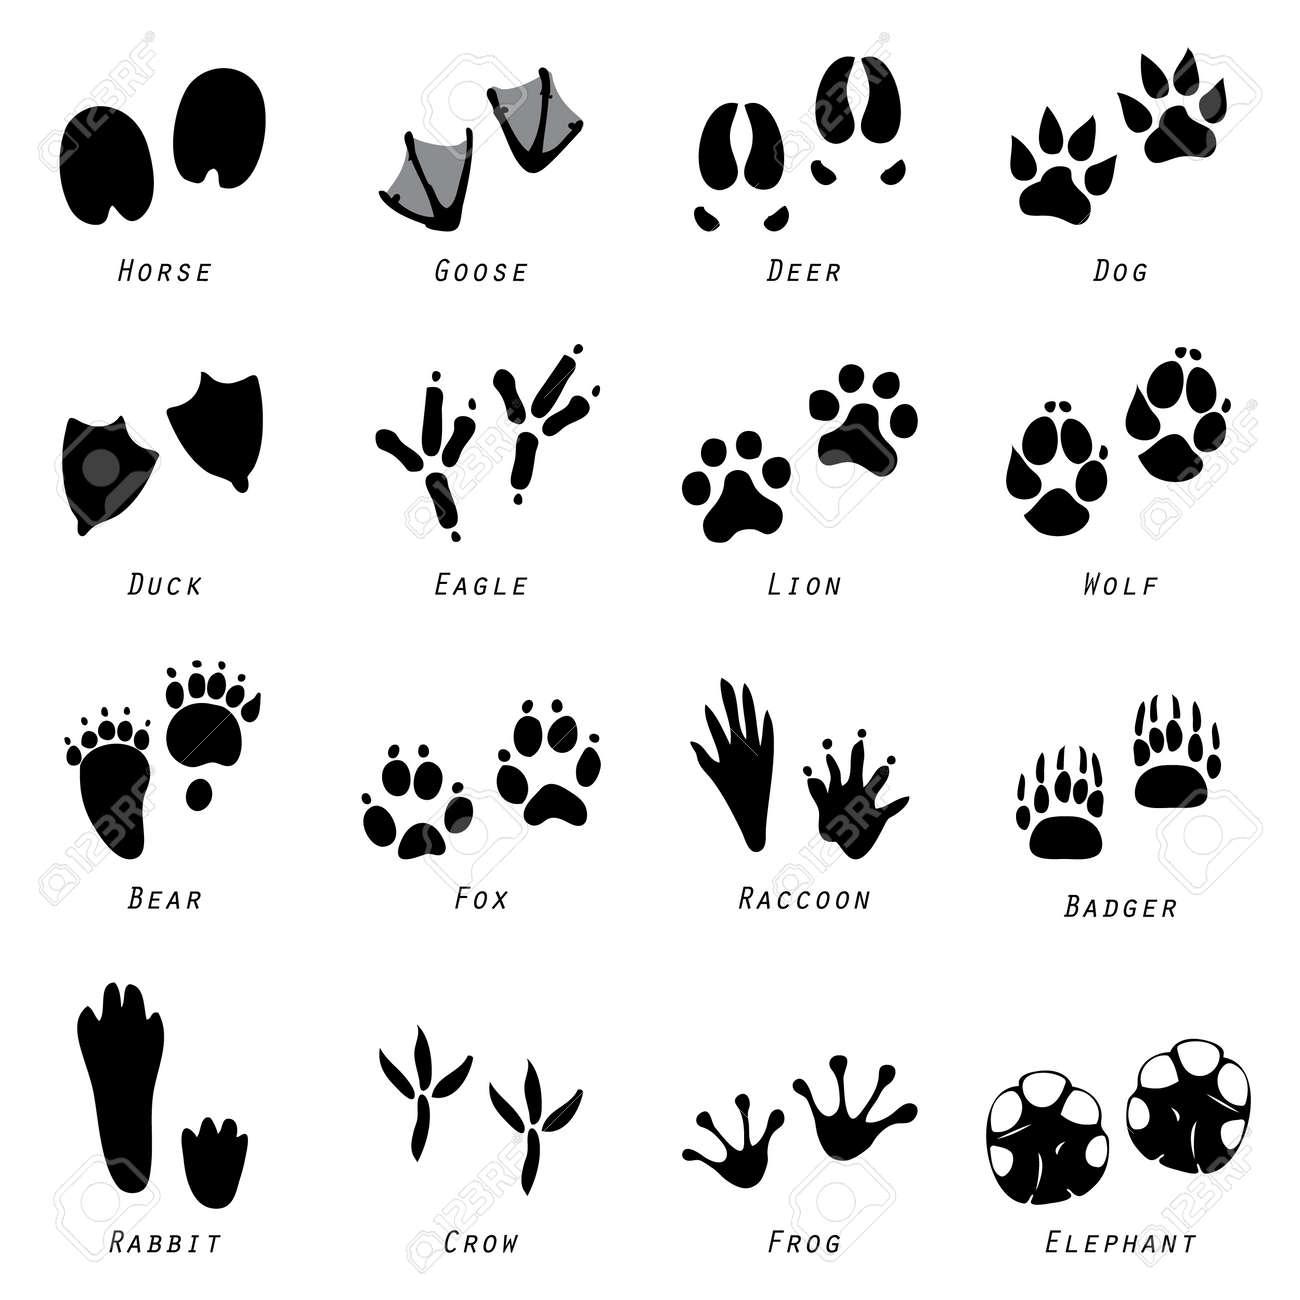 動物の足跡の足跡のアイコン ベクトル ロイヤリティフリークリップアート